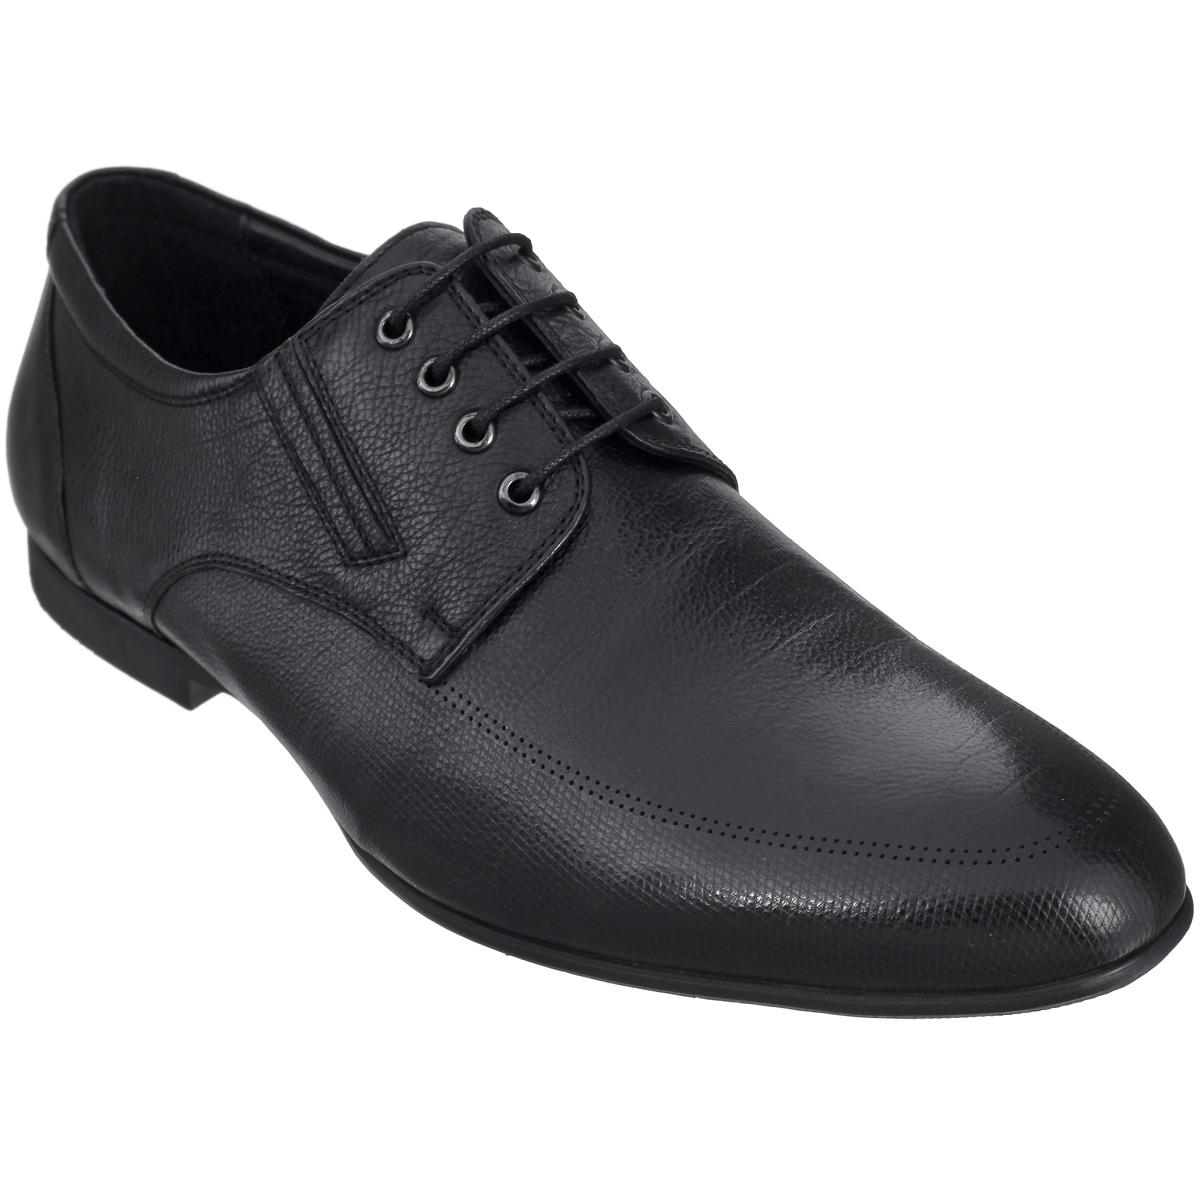 102-86-106Элегантные мужские туфли от Dino Ricci займут достойное место среди вашей коллекции обуви. Модель выполнена из натуральной высококачественной кожи с зернистой фактурой. Резинки, расположенные на подъеме, гарантируют оптимальную посадку модели на ноге. Шнуровка позволяет прочно зафиксировать обувь на ноге. Стелька из натуральной кожи оснащена перфорацией, позволяющей вашим ногам дышать. Каблук и подошва с рифлением обеспечивают отличное сцепление с поверхностью. Стильные туфли прекрасно дополнят ваш деловой образ.